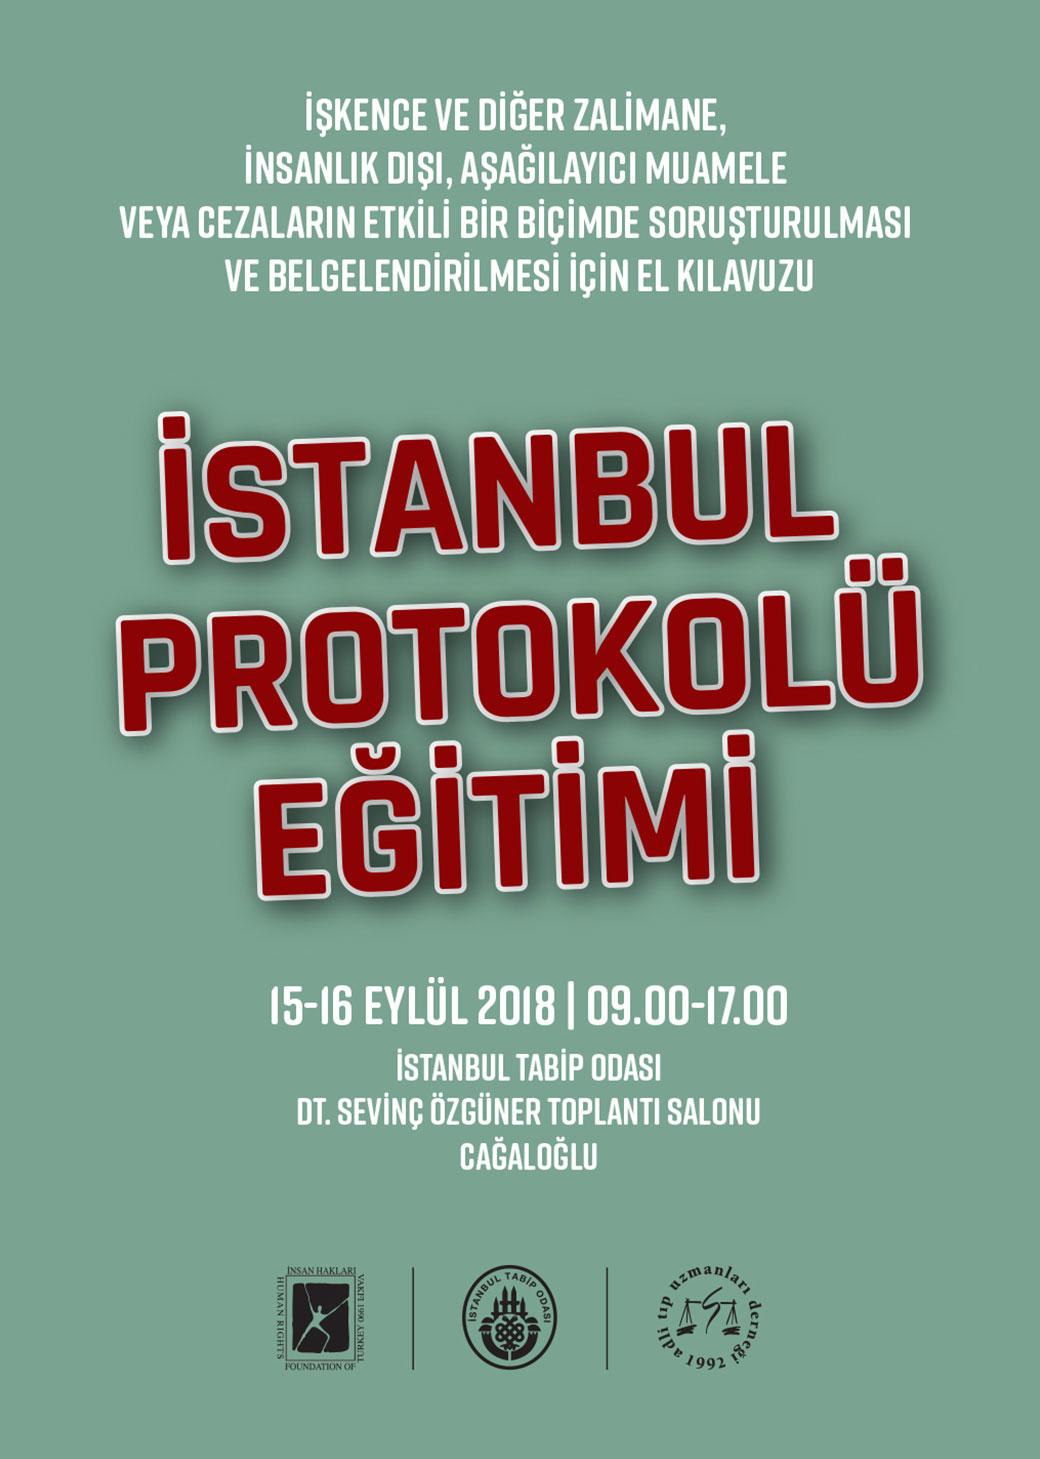 İstanbul Protokolü Eğitimi